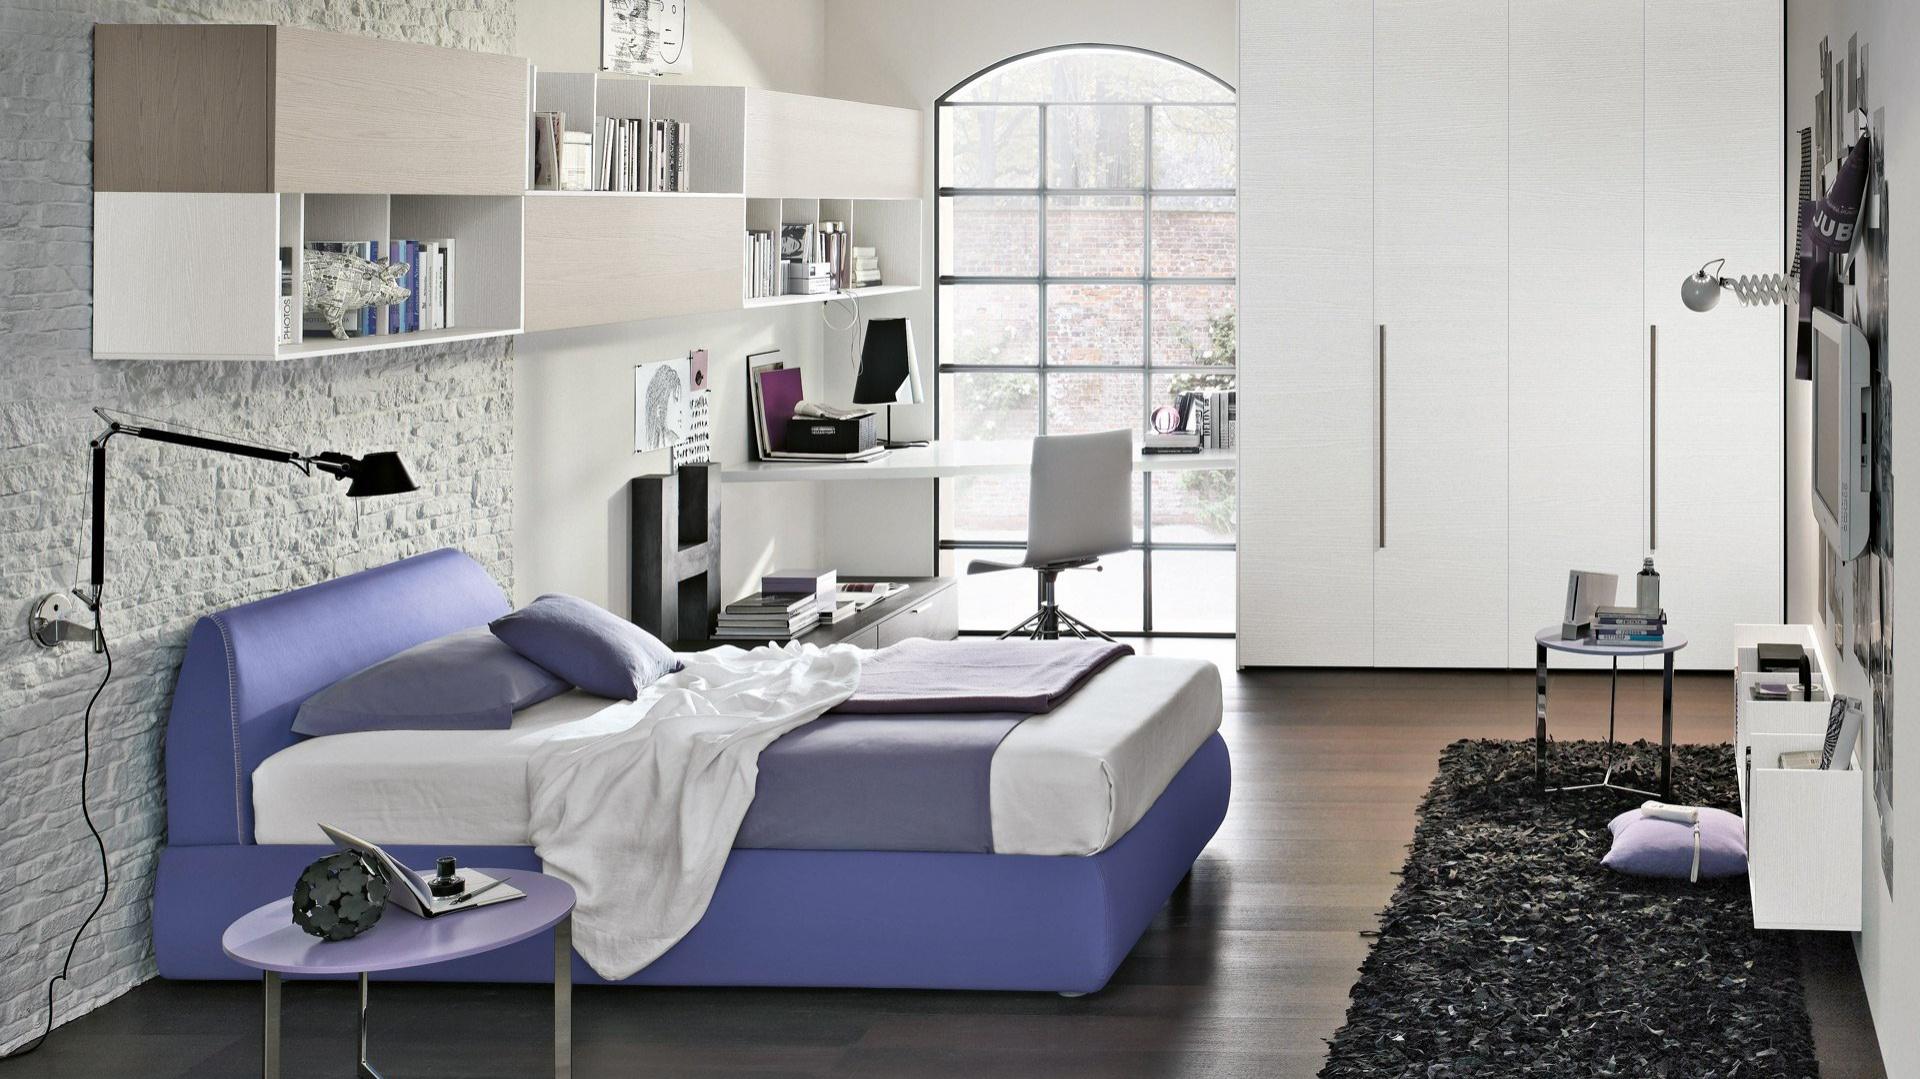 Wystrojowi o stonowanej kolorystyce młodzieżowego wyglądu dodaje nowoczesne, niebieskie łóżko. Fot. Tomasella.